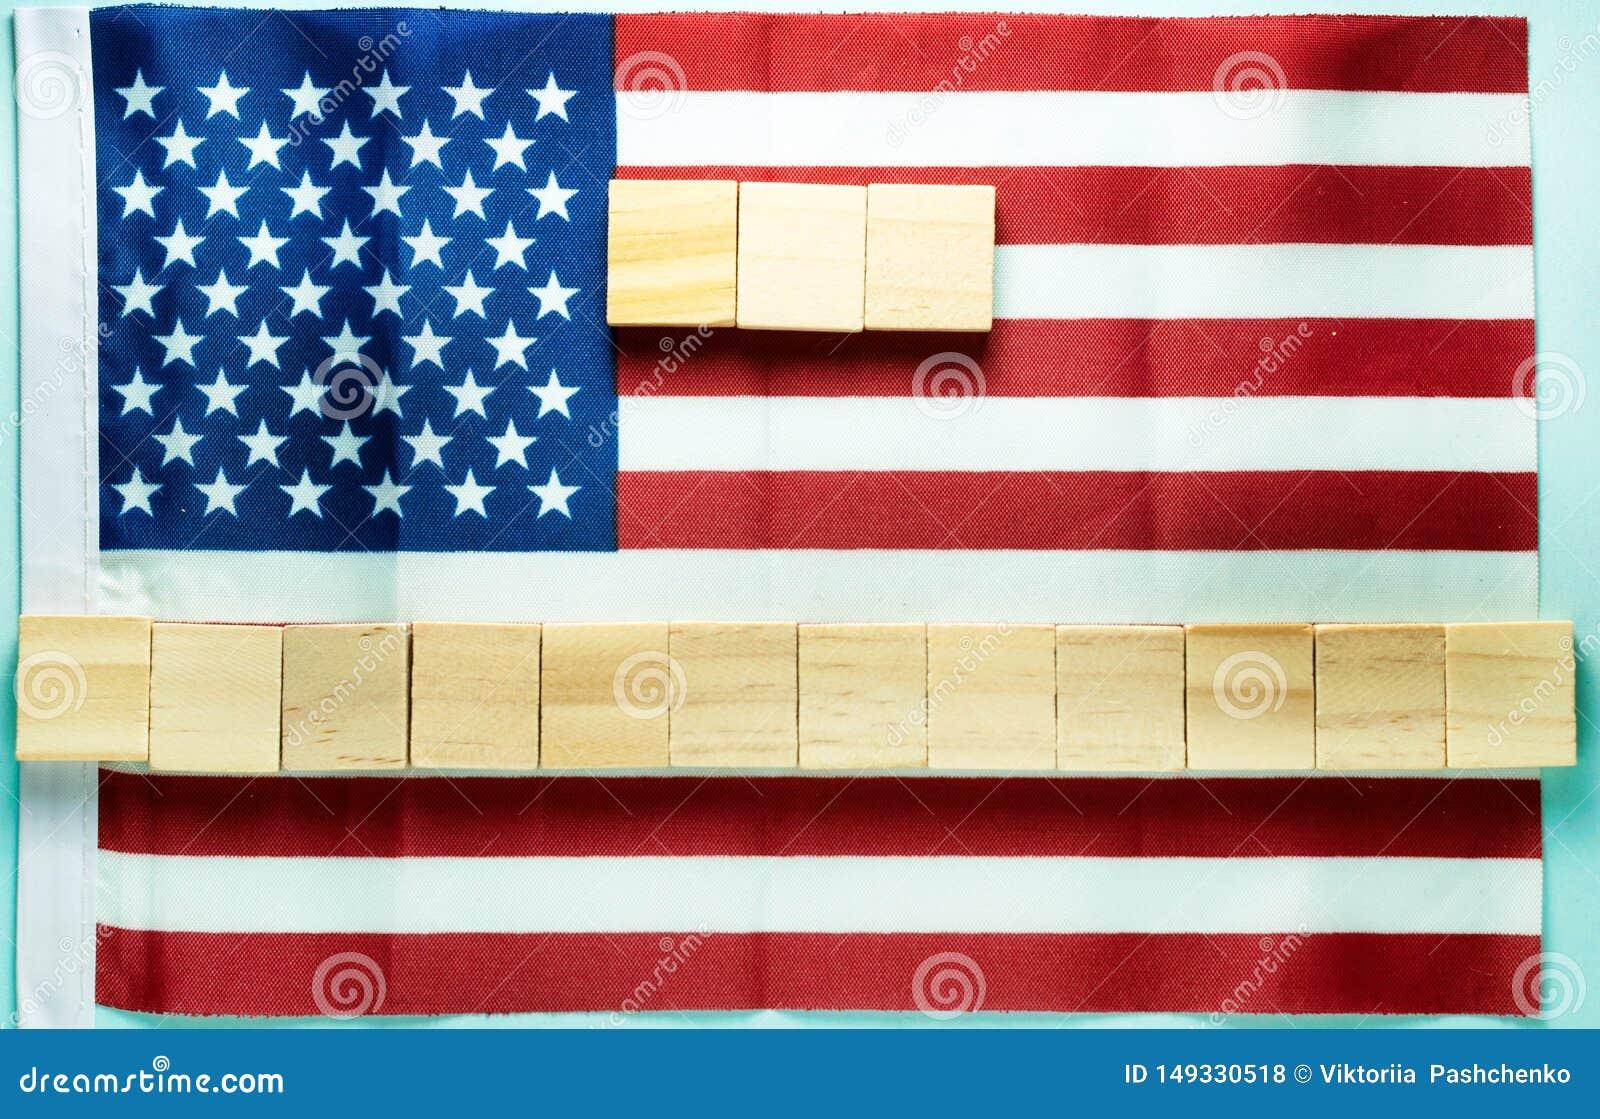 κενό για την επιγραφή σε δεκαπέντε ξύλινους κύβους που σχεδιάζεται στη αμερικανική σημαία